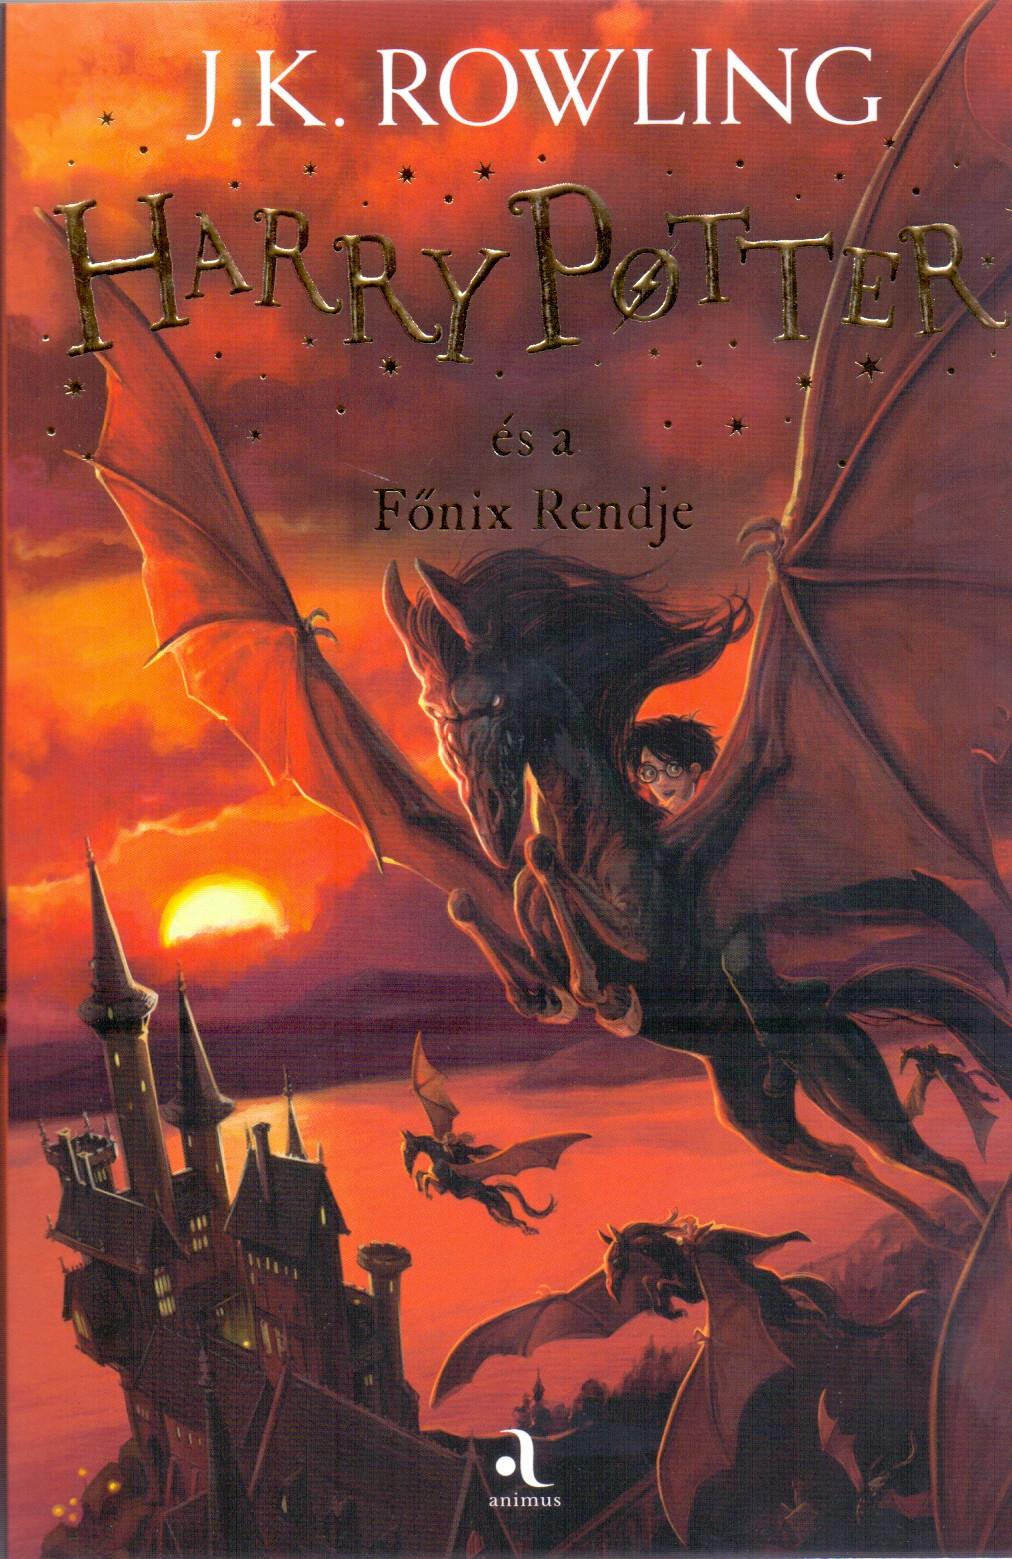 Harry Potter és a Főnix Rendje - J. K. Rowling |